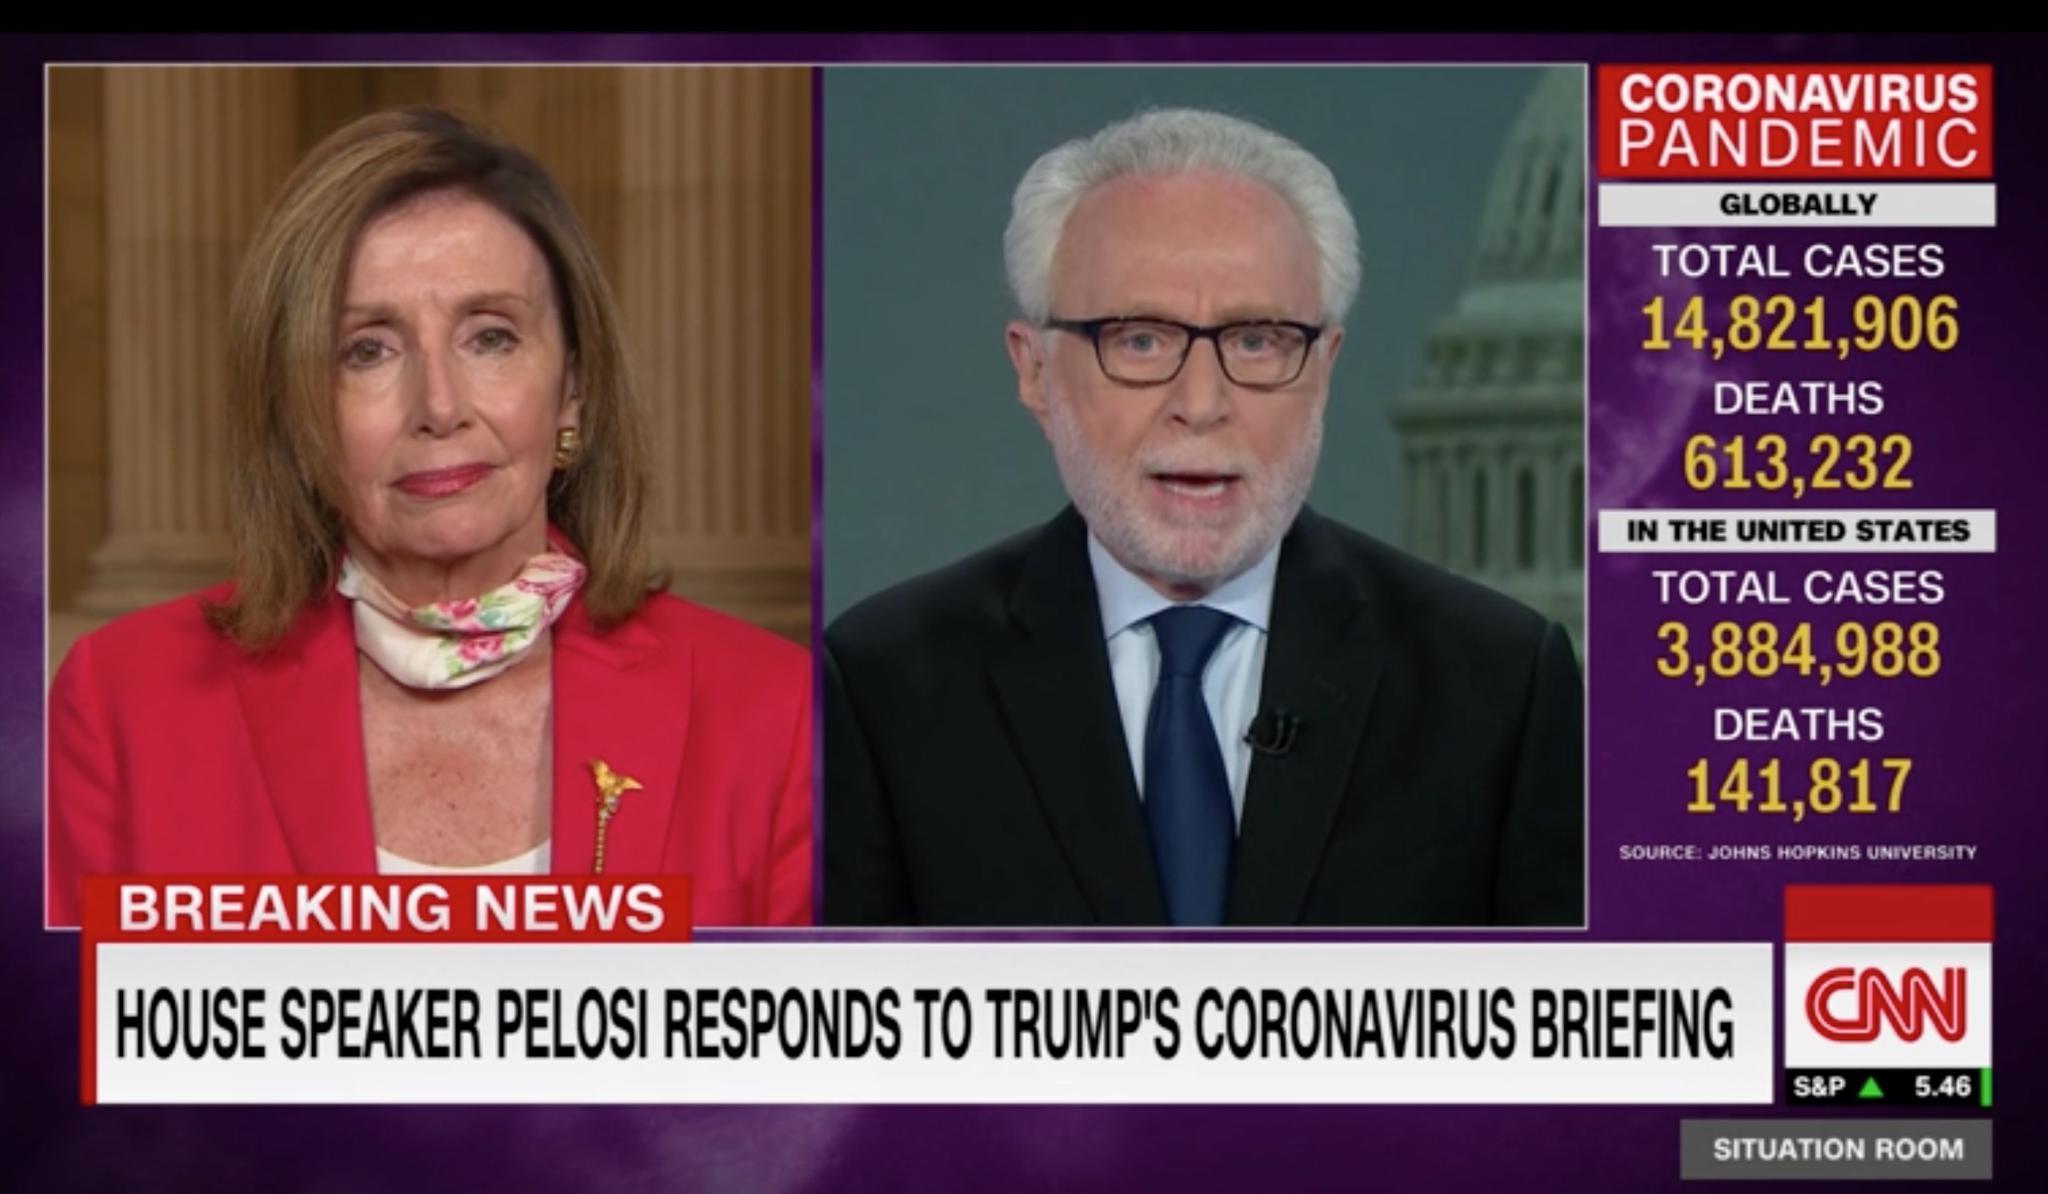 当地时间7月21日晚,佩洛西接受CNN采访。CNN视频截图